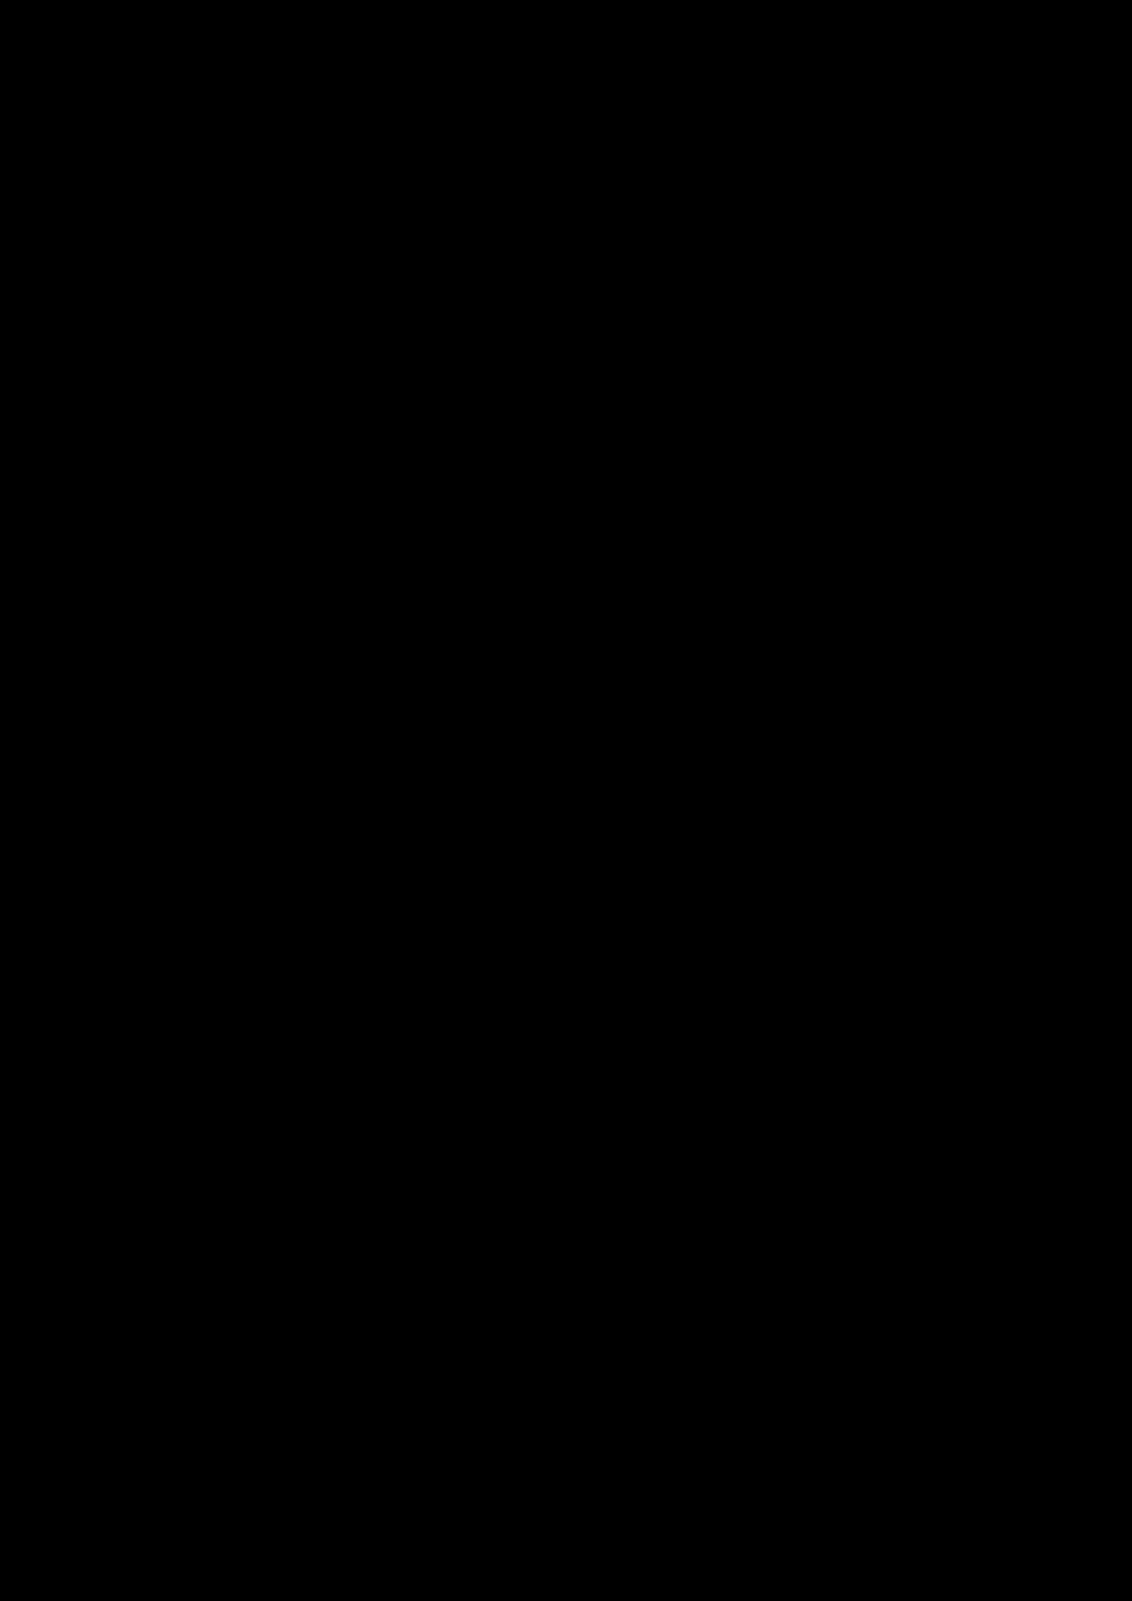 Serdtse slide, Image 74